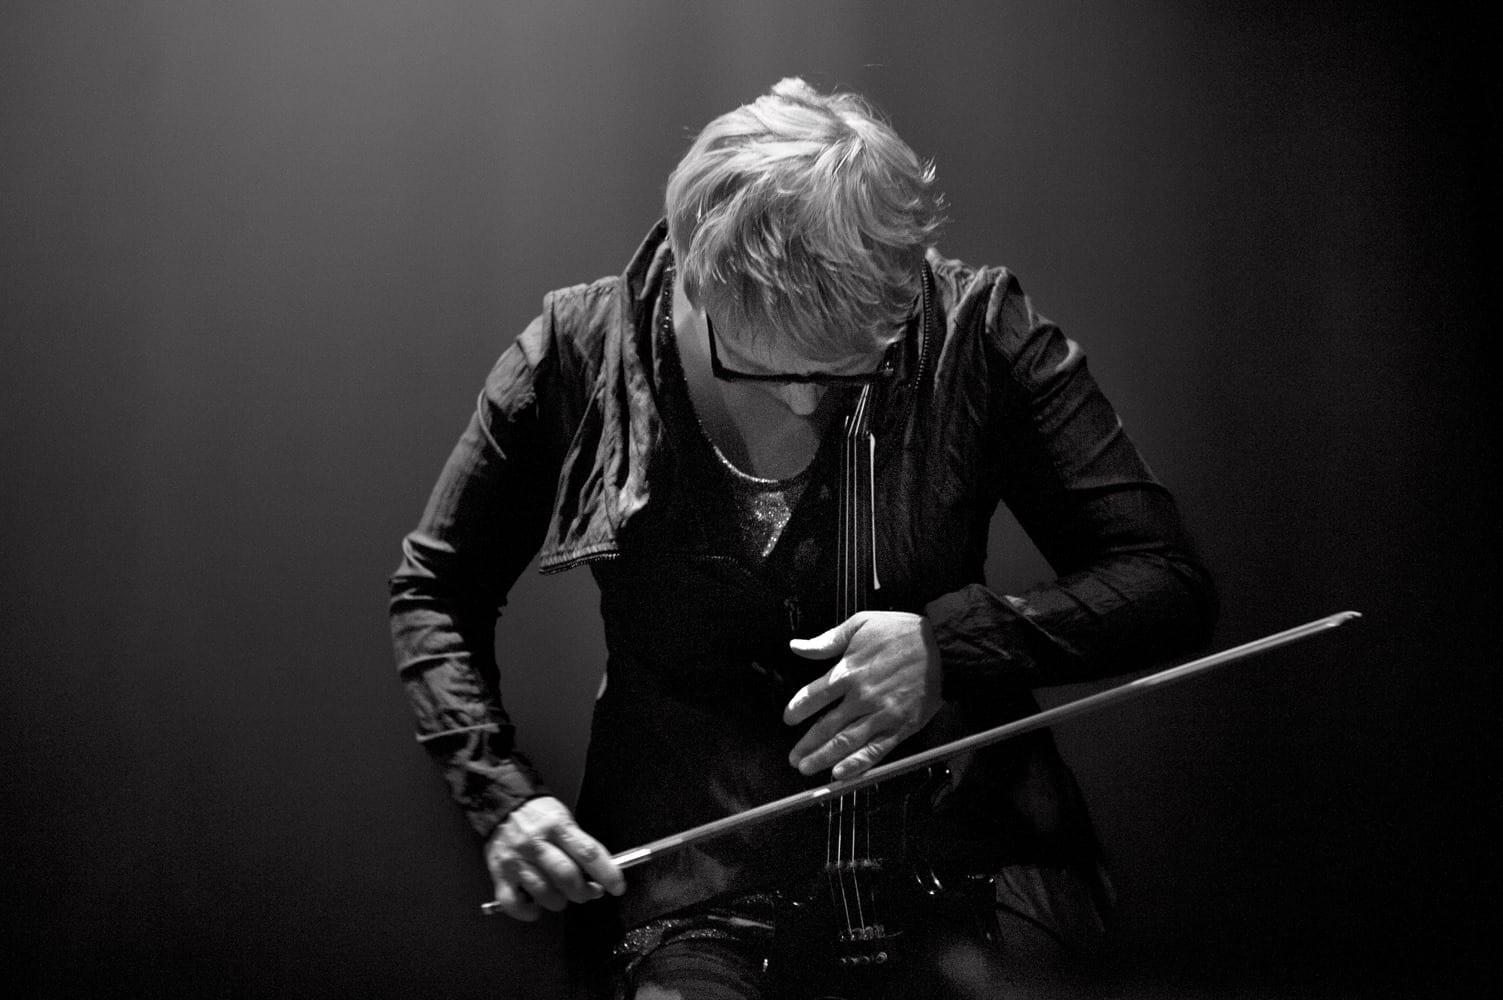 Sâmbătă Sonoră w/ Mia Zabelka, solo vioară & electronice @ Control